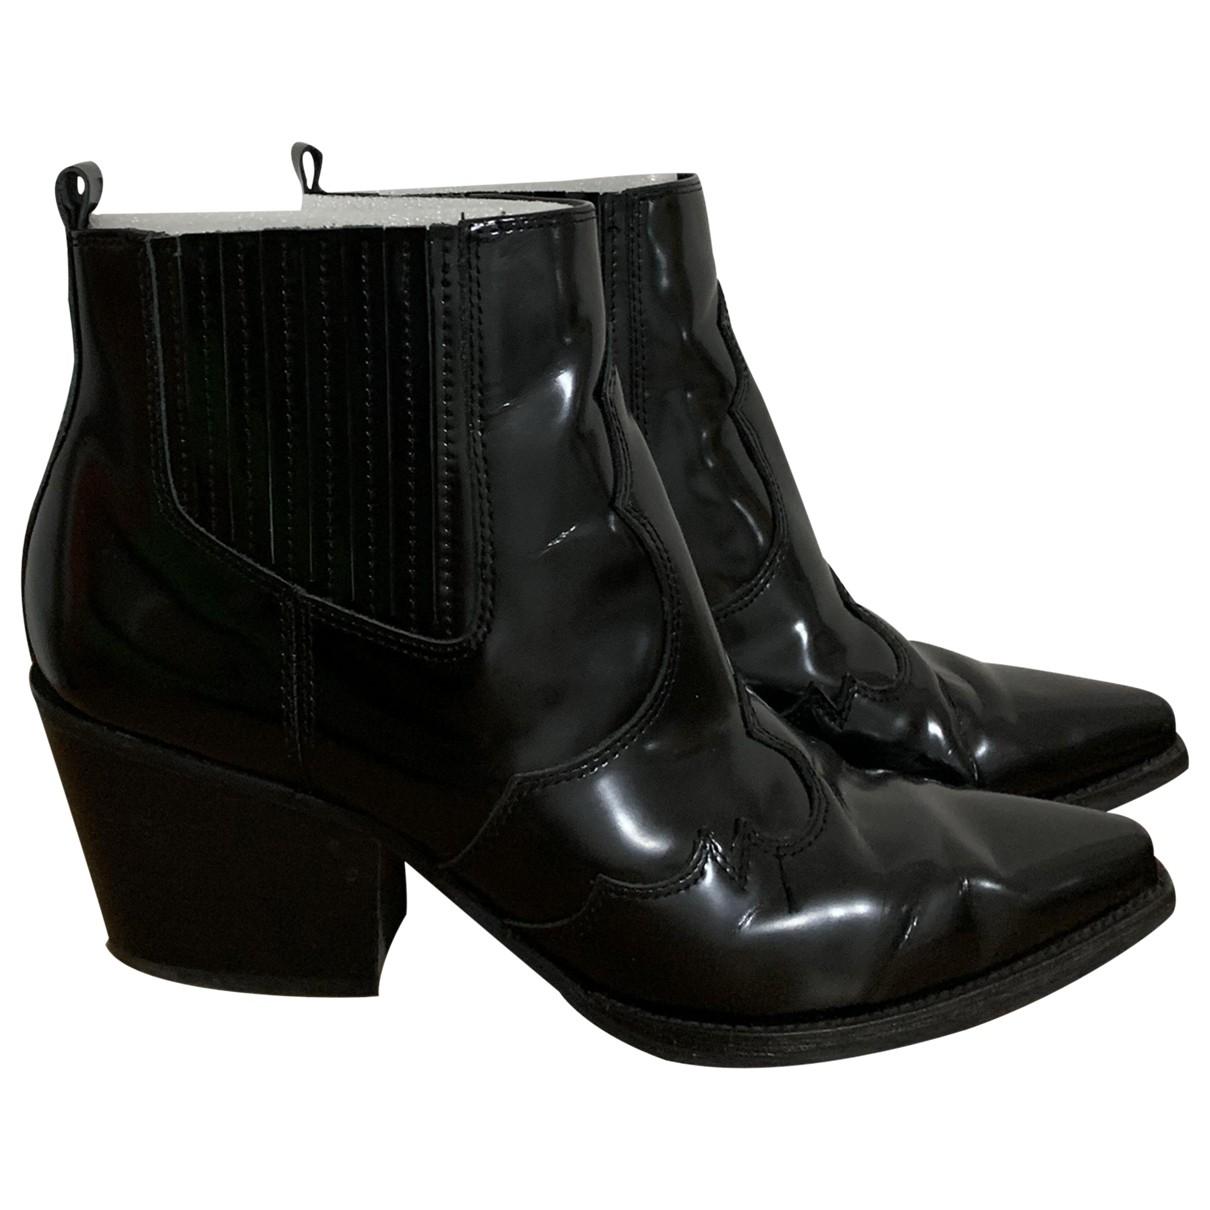 Sam Edelman - Bottes   pour femme en cuir verni - noir